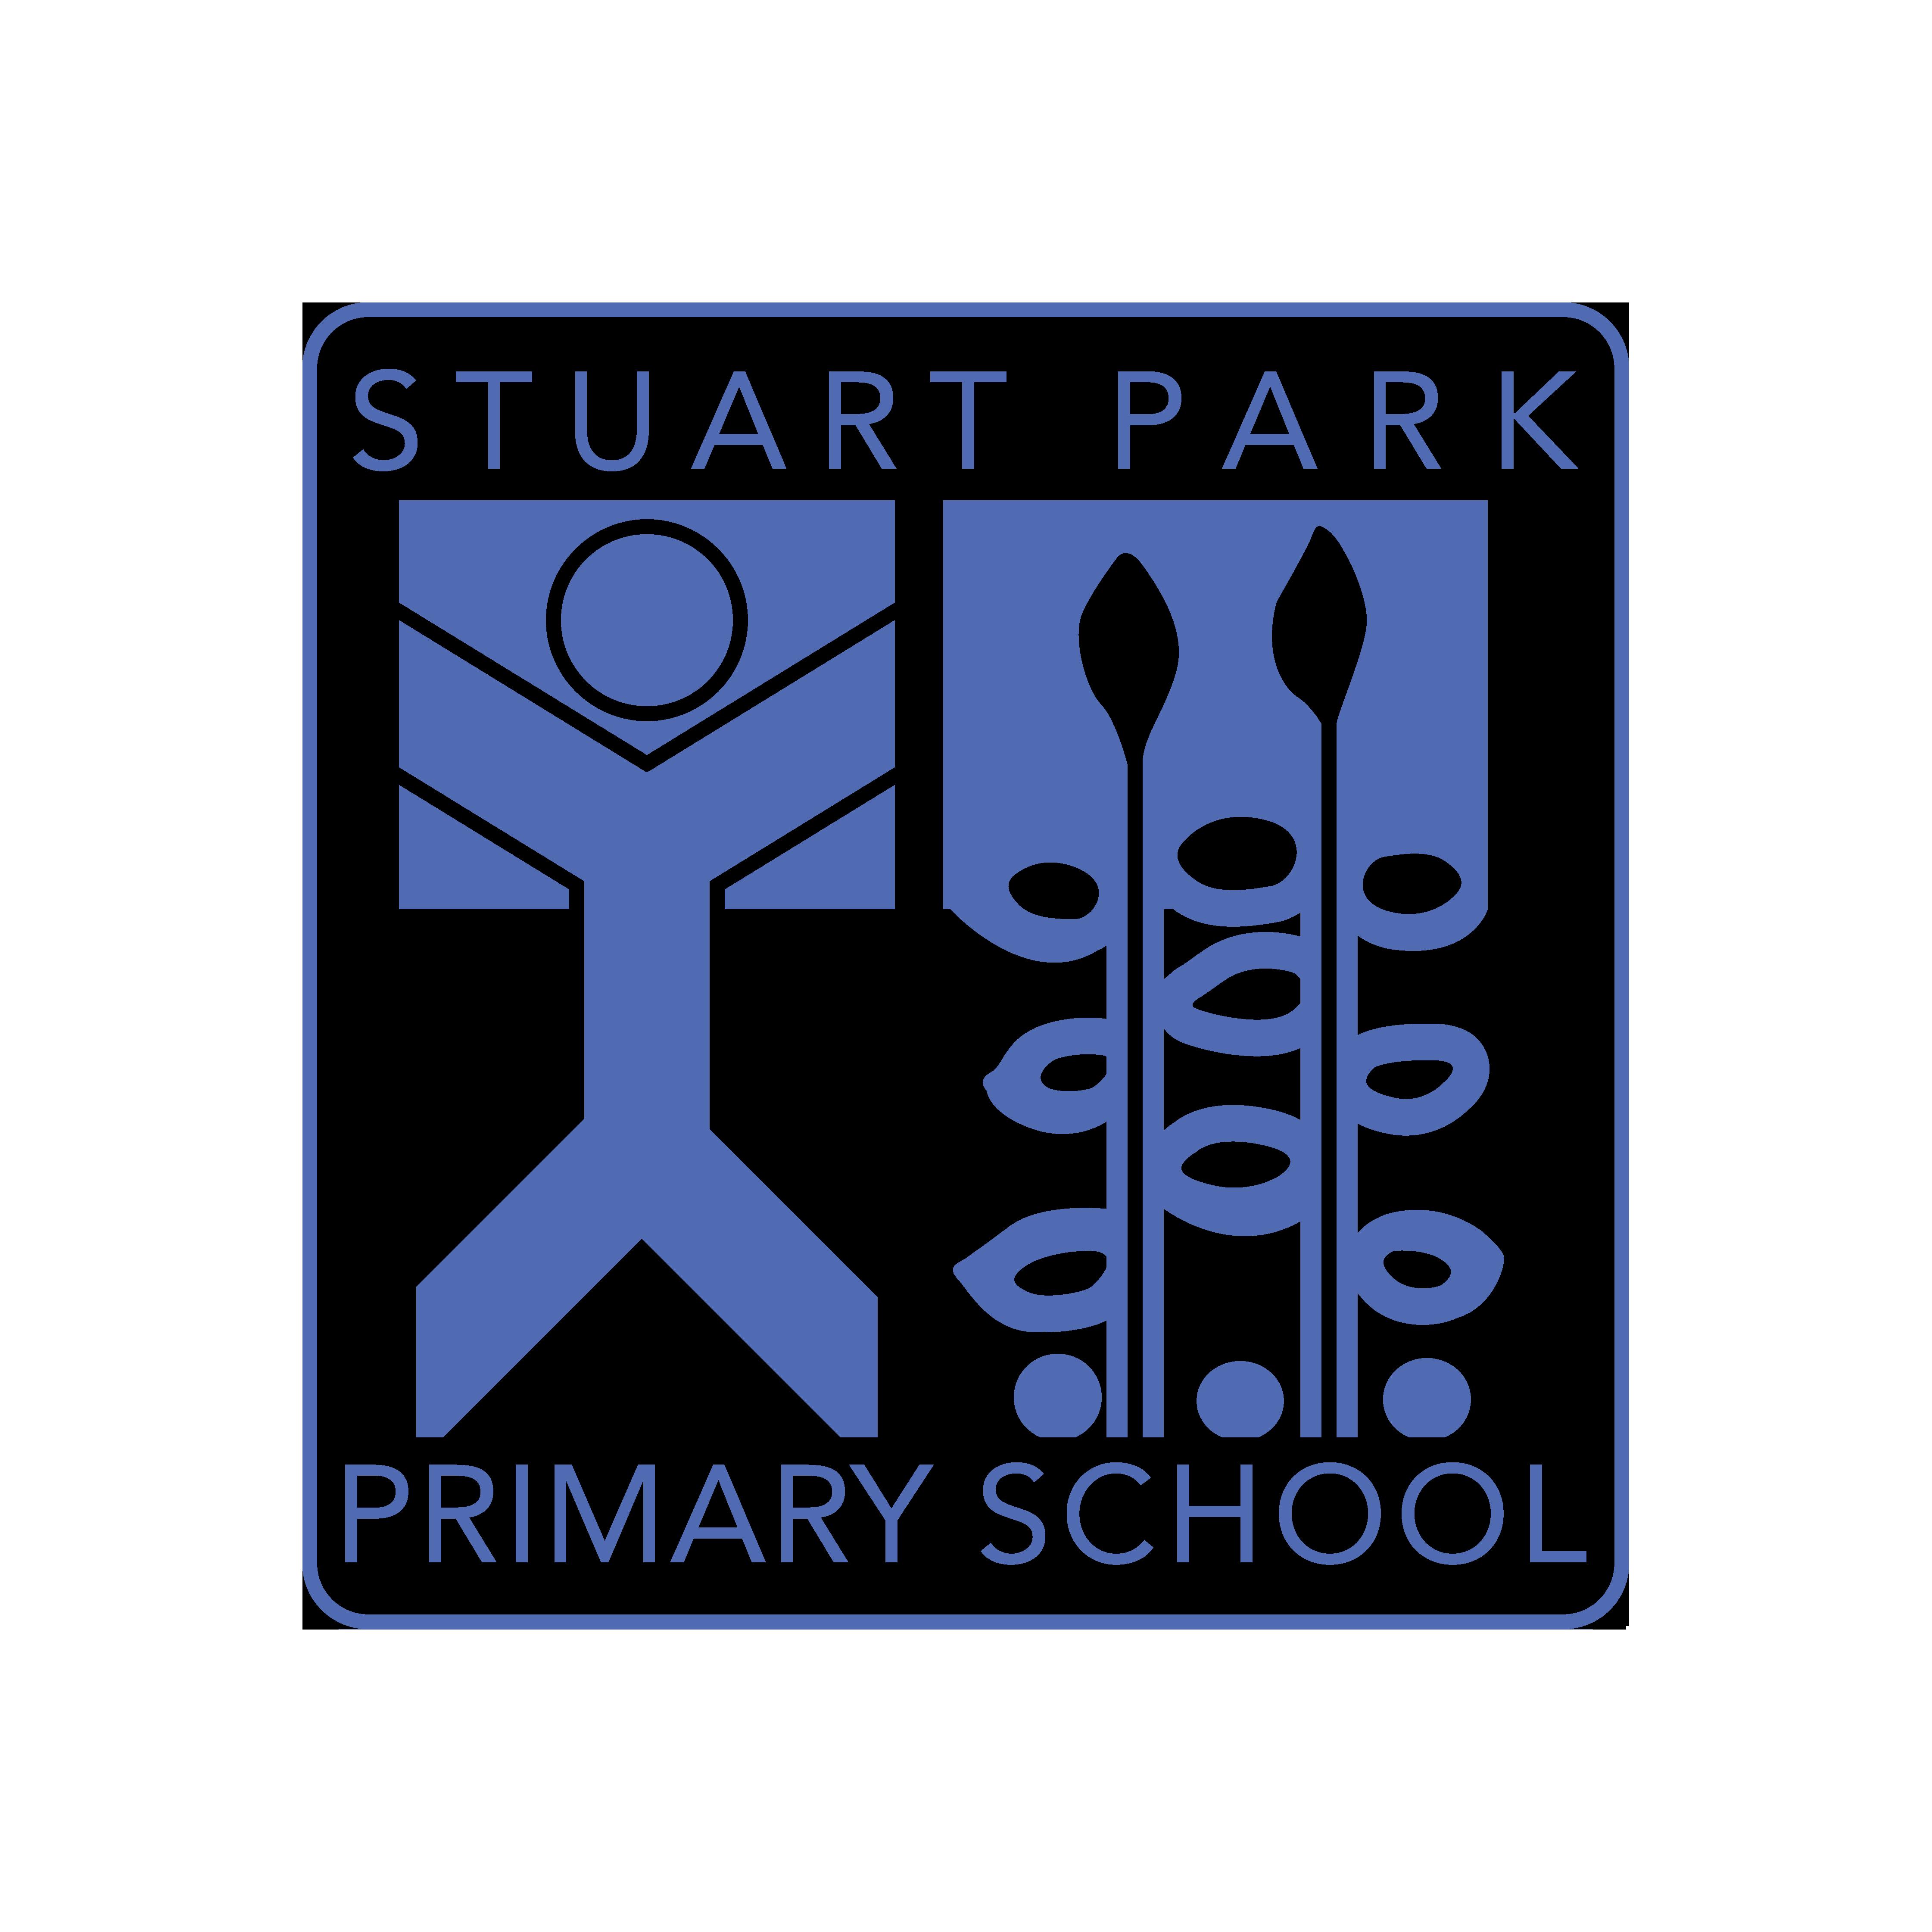 Stuart Park Primary School